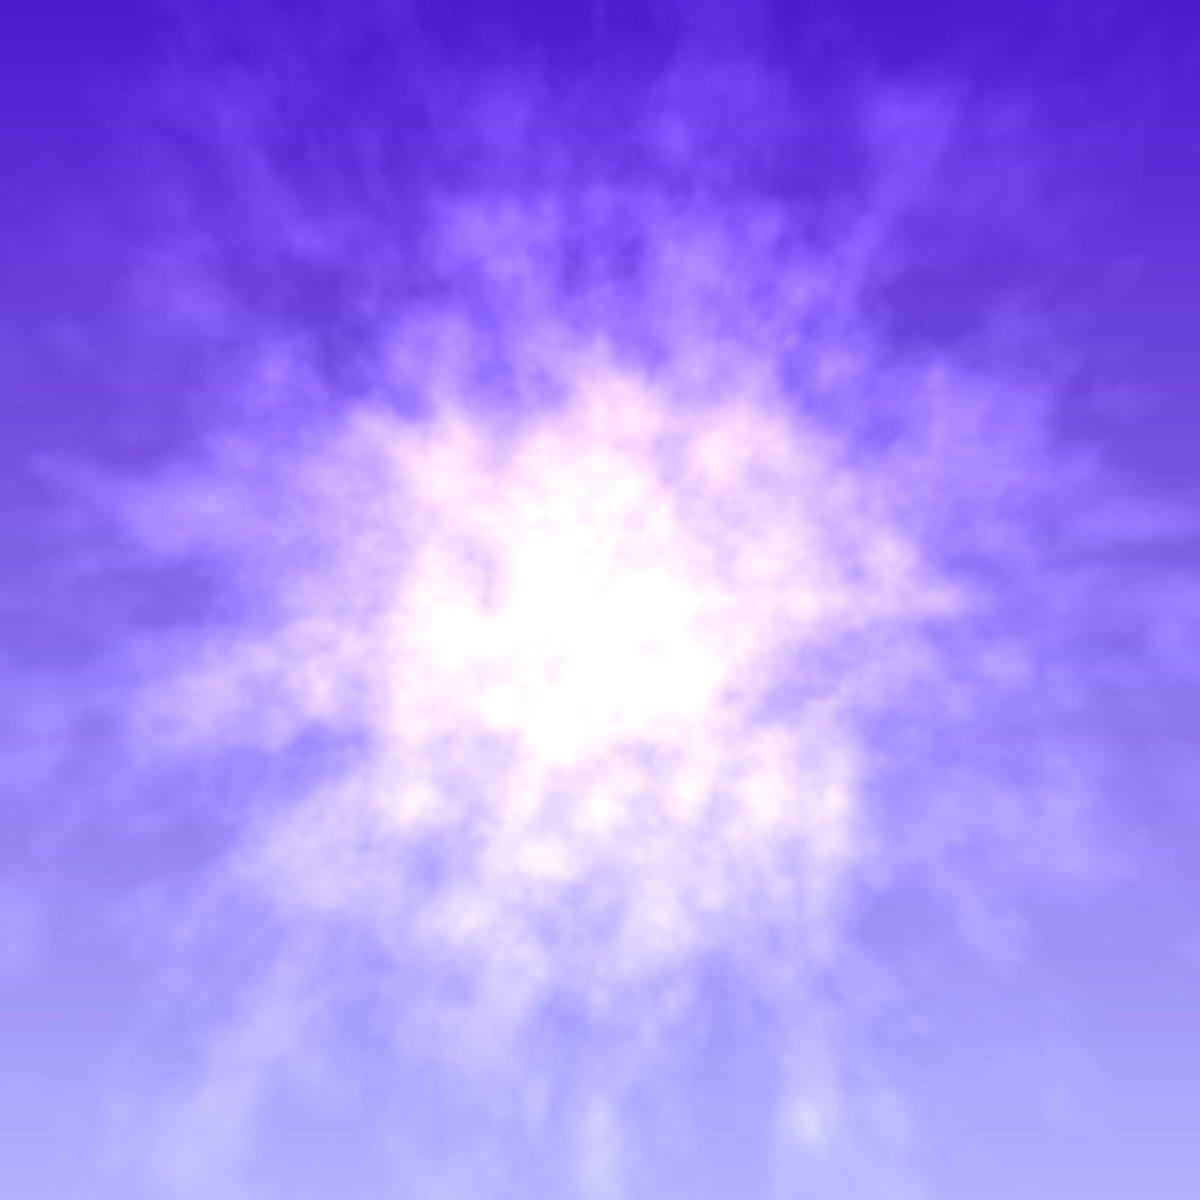 なんか違うけど、やっと雲っぽくなってきた...?@edo_m18 さんのコードリーディング記事(を読み解いているところ